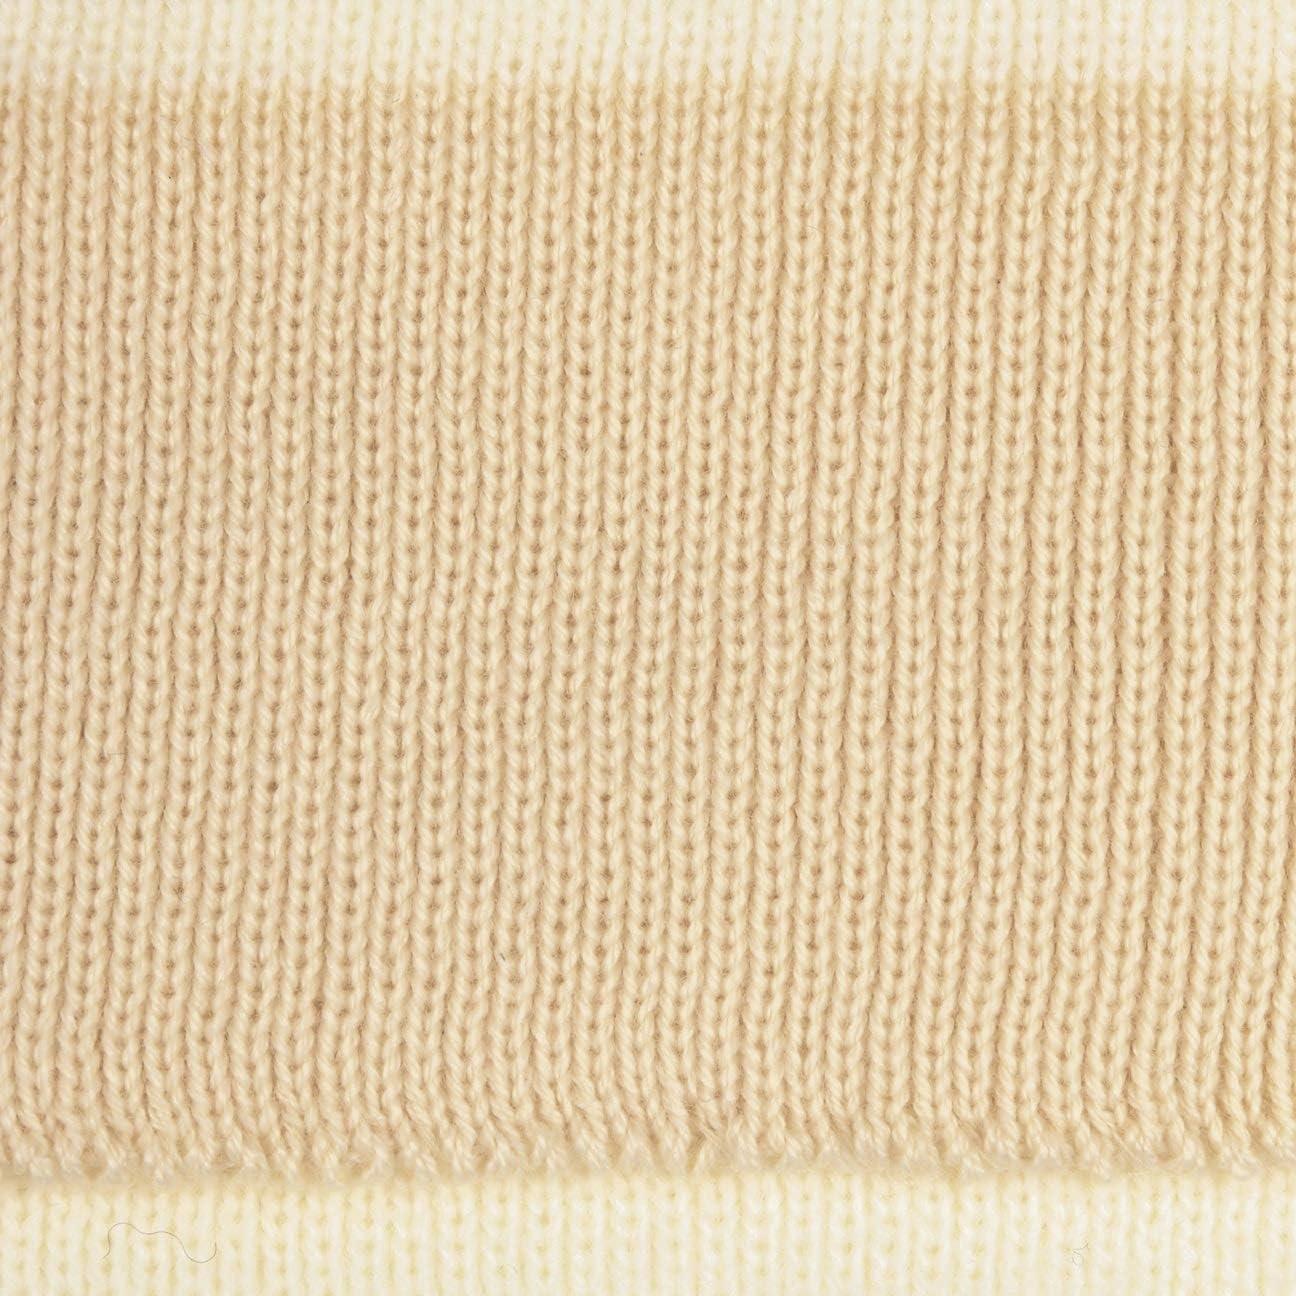 Made in Germany Calentador de Orejas con Forro oto/ño//Invierno Lierys Cinta para la Cabeza Ferri Mujer//Hombre//Ni/ño